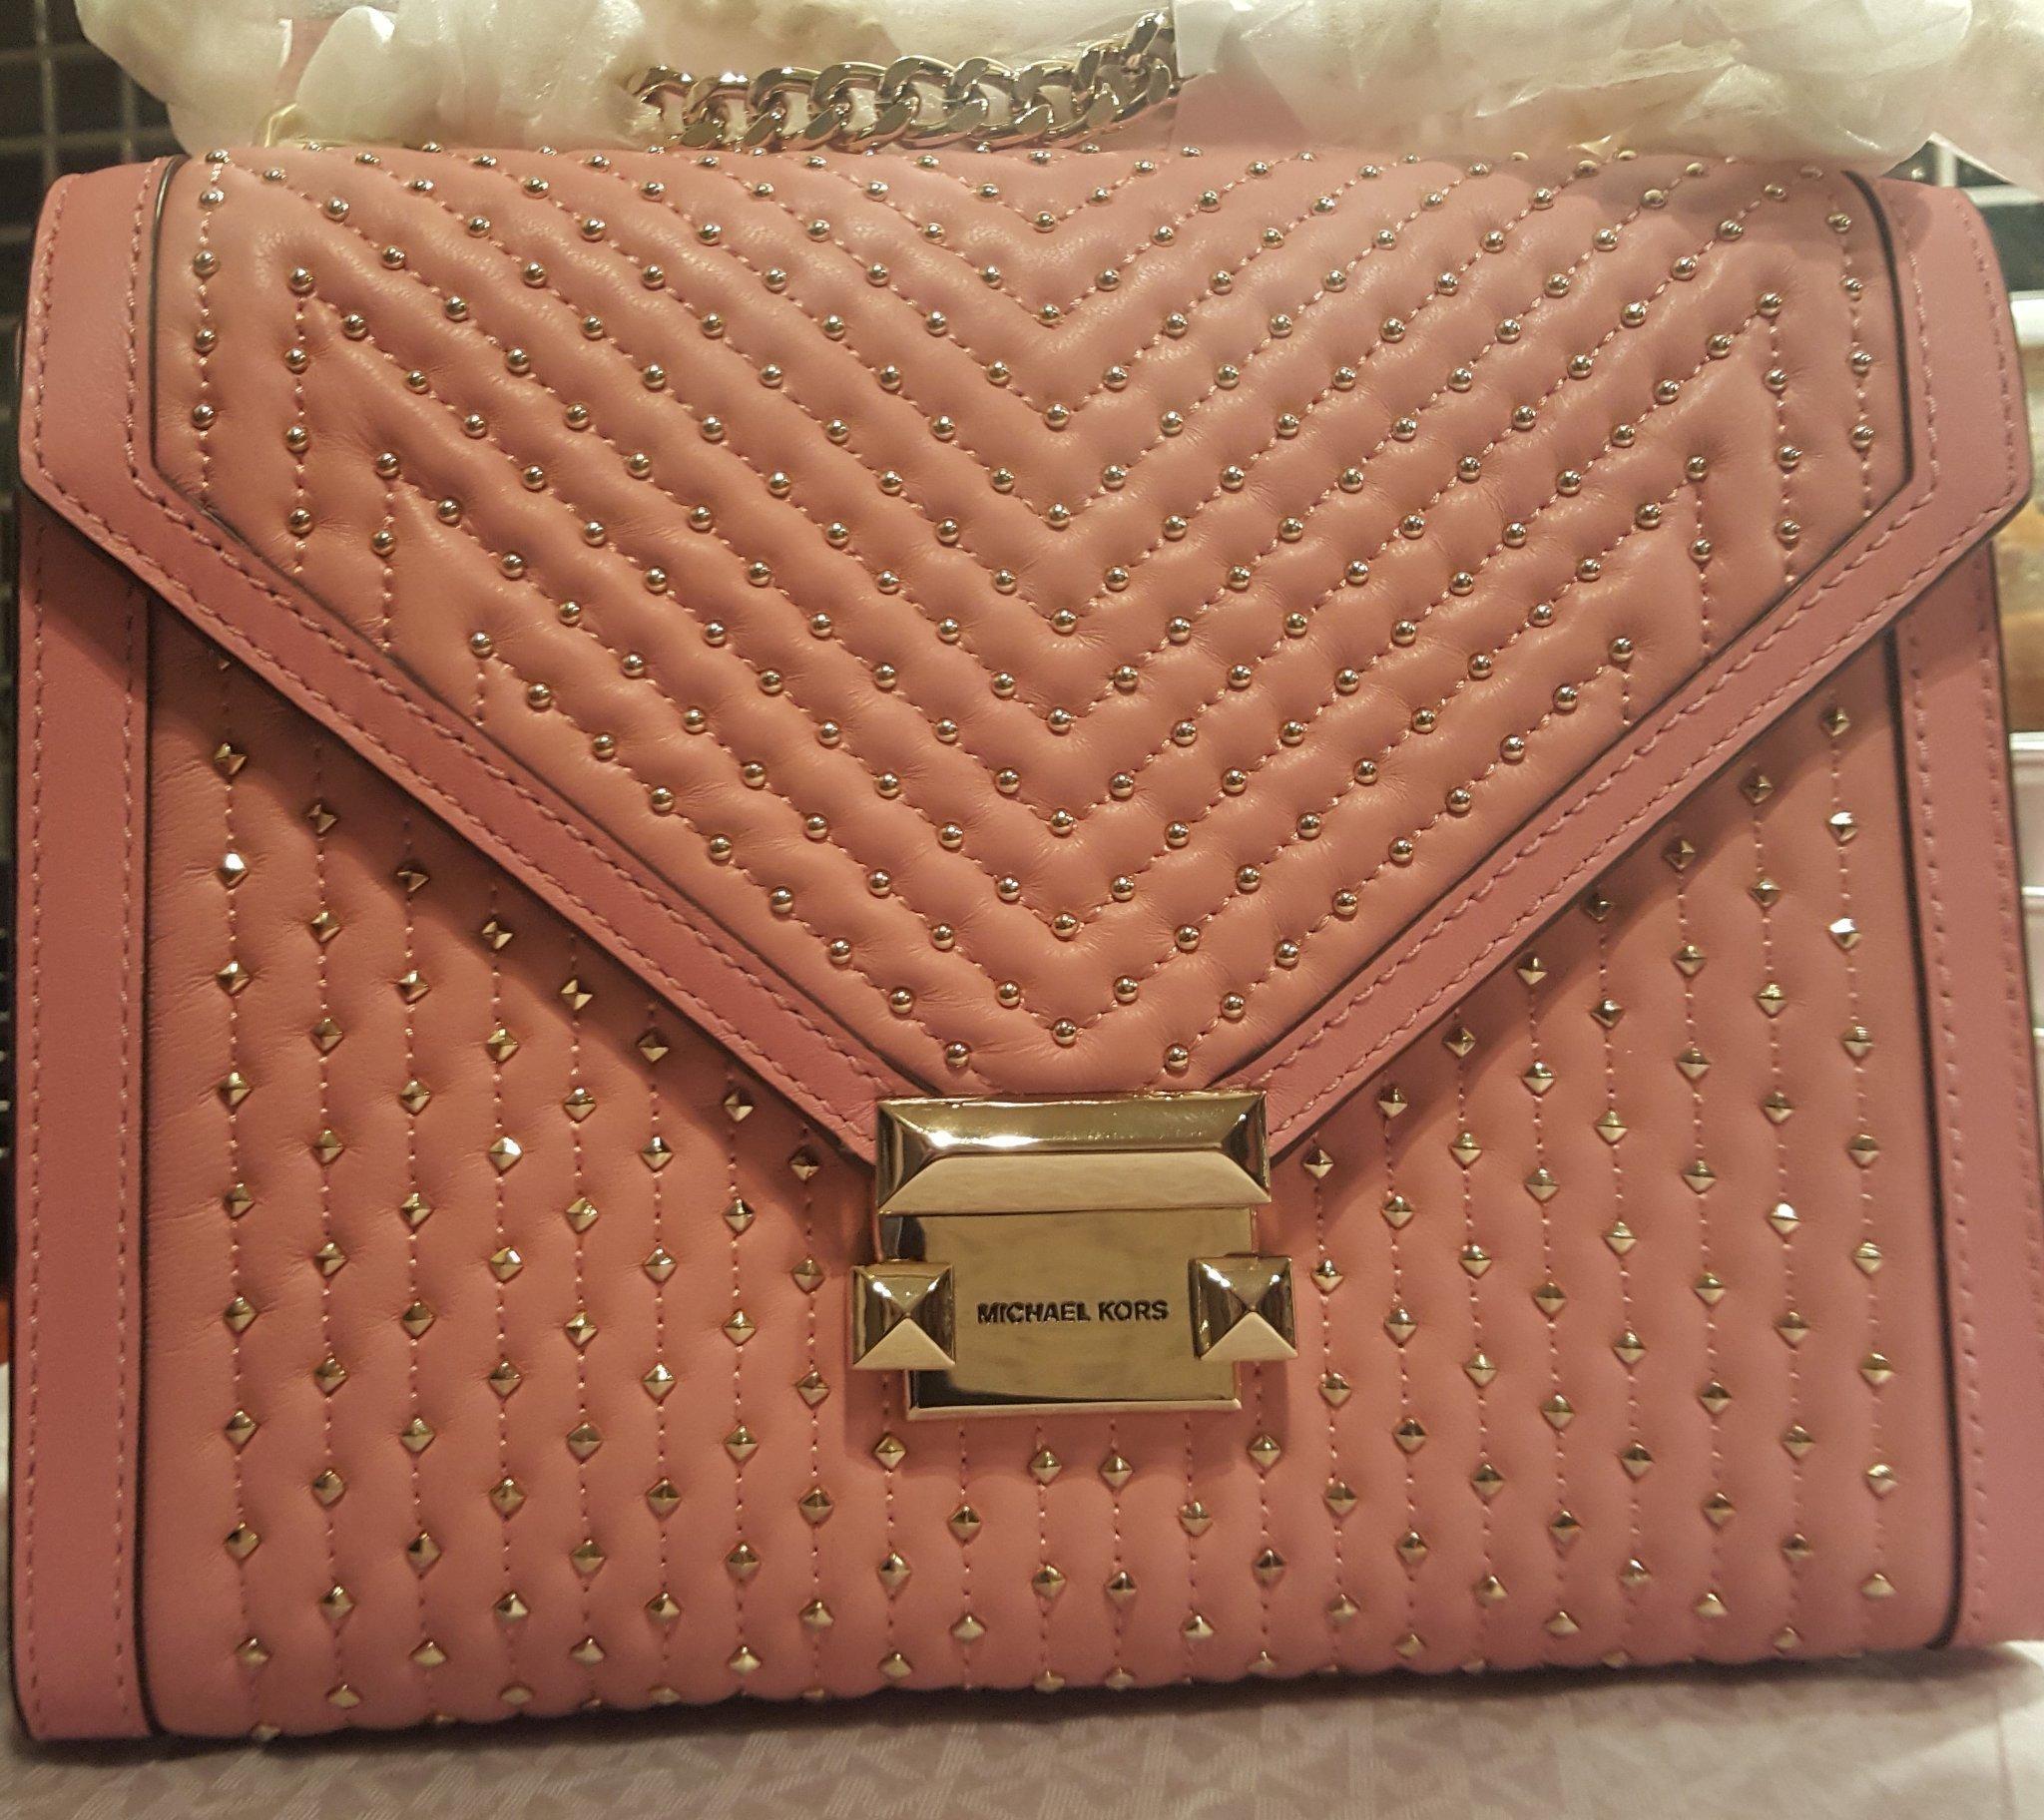 3900: NY äkta skinn Michael Kors MK guld kedja nitar väska läder rosa